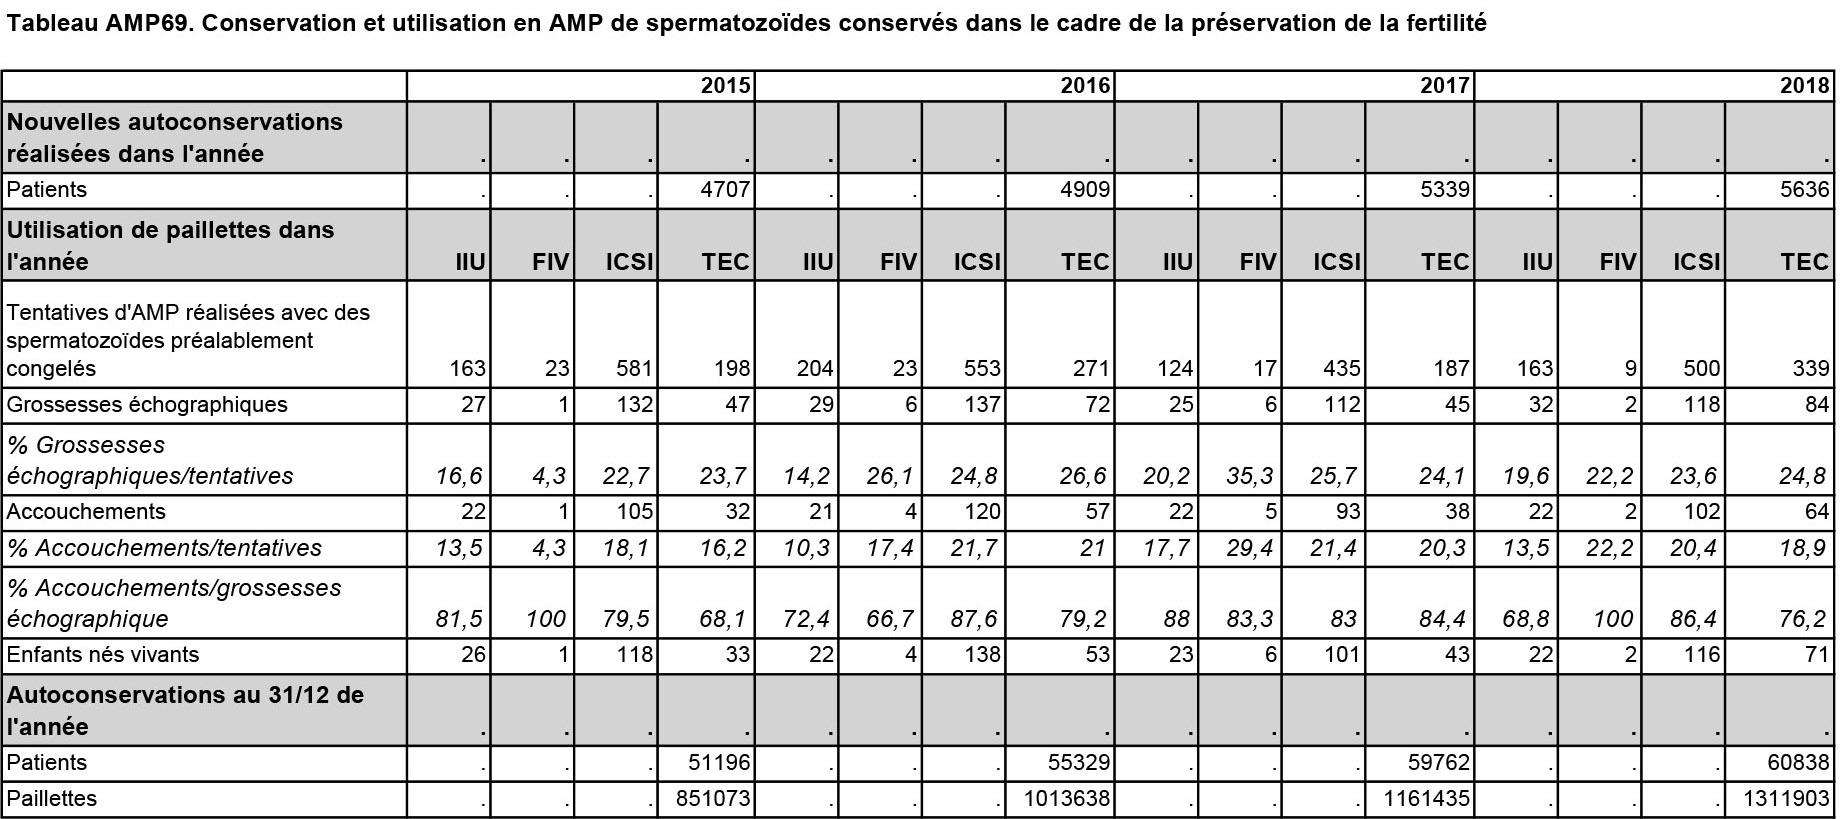 Tableau AMP69